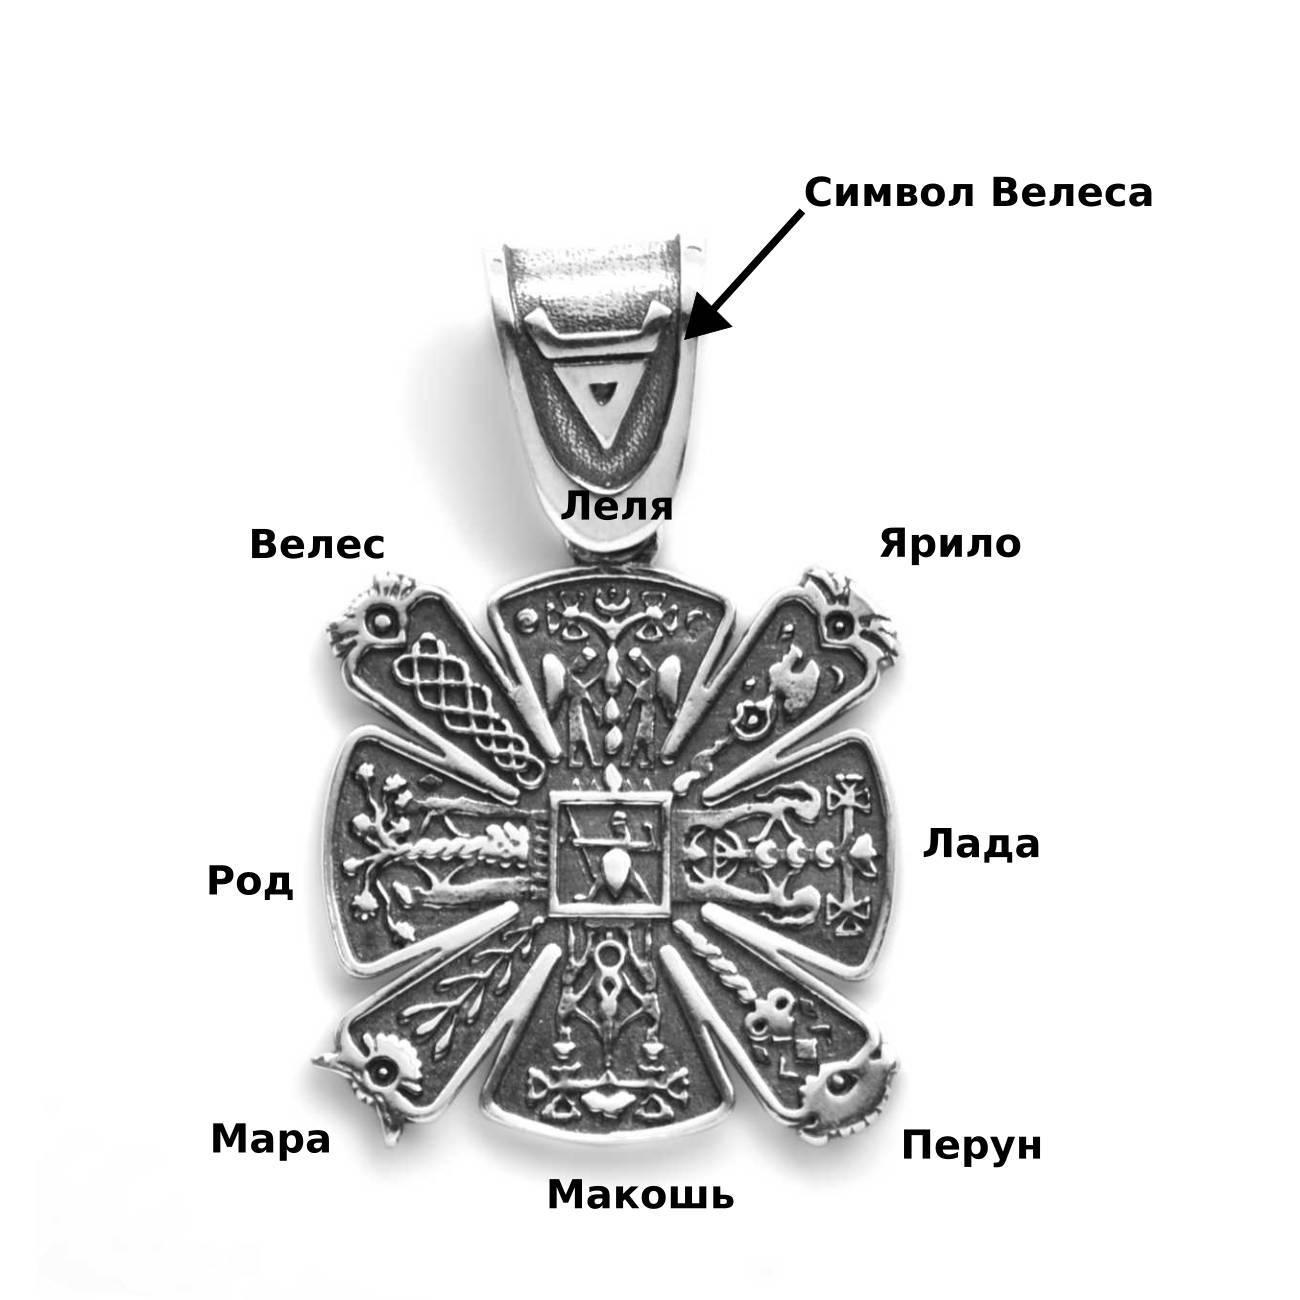 Крес - Оберег Славянских богов